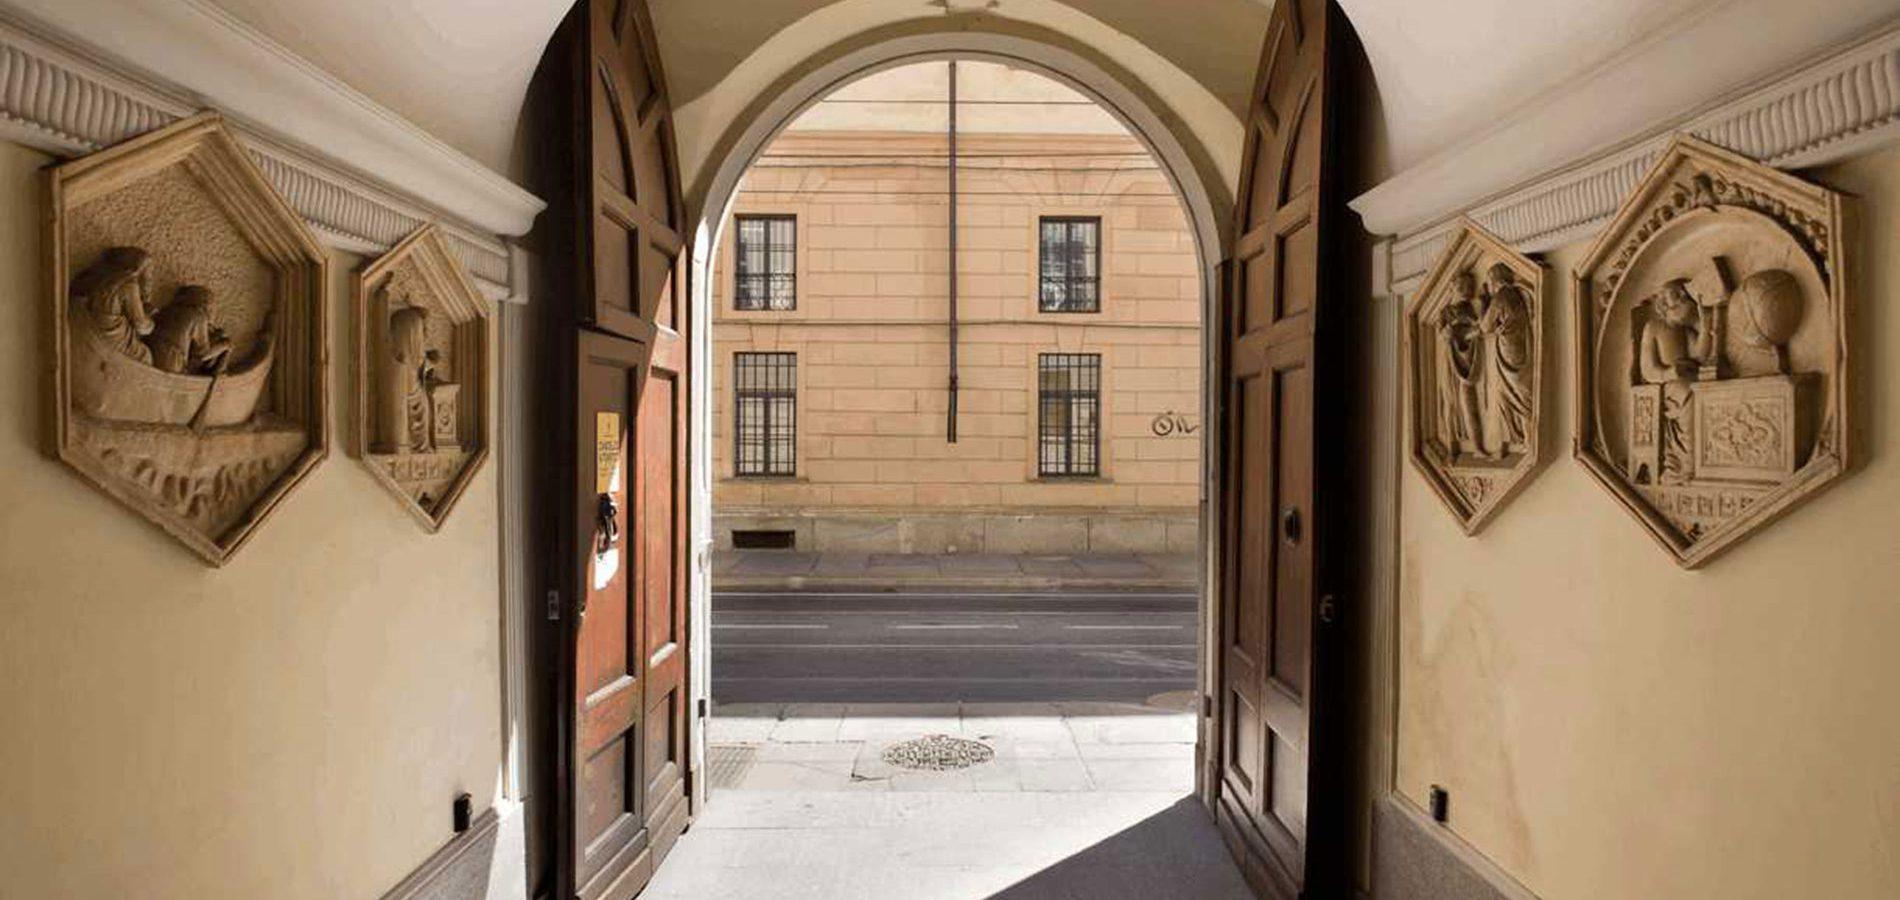 portone d'ingresso dell'istituo alfieri carrù di torino